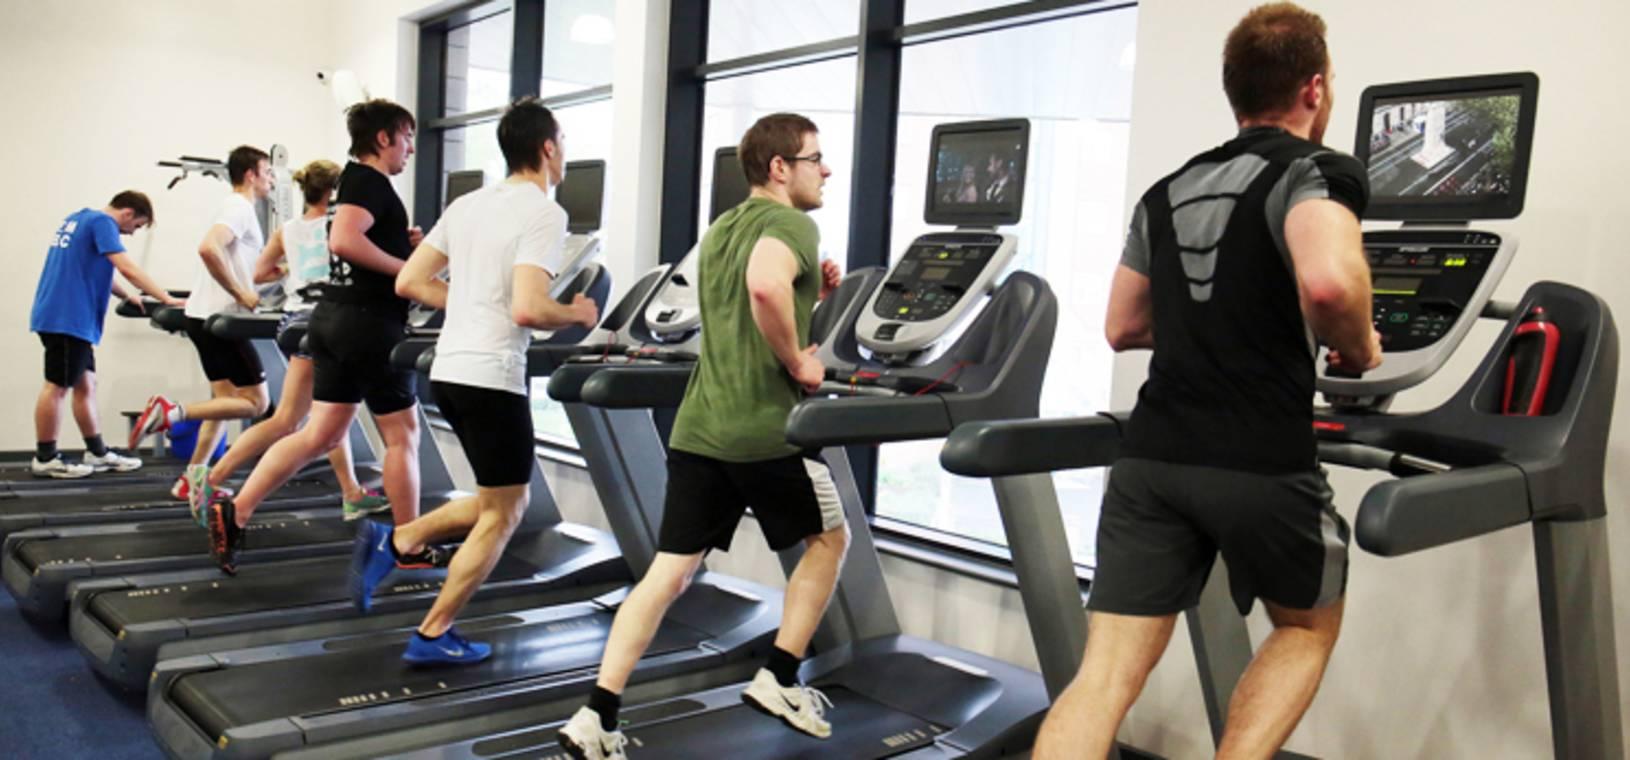 Go tri gym triathlon england